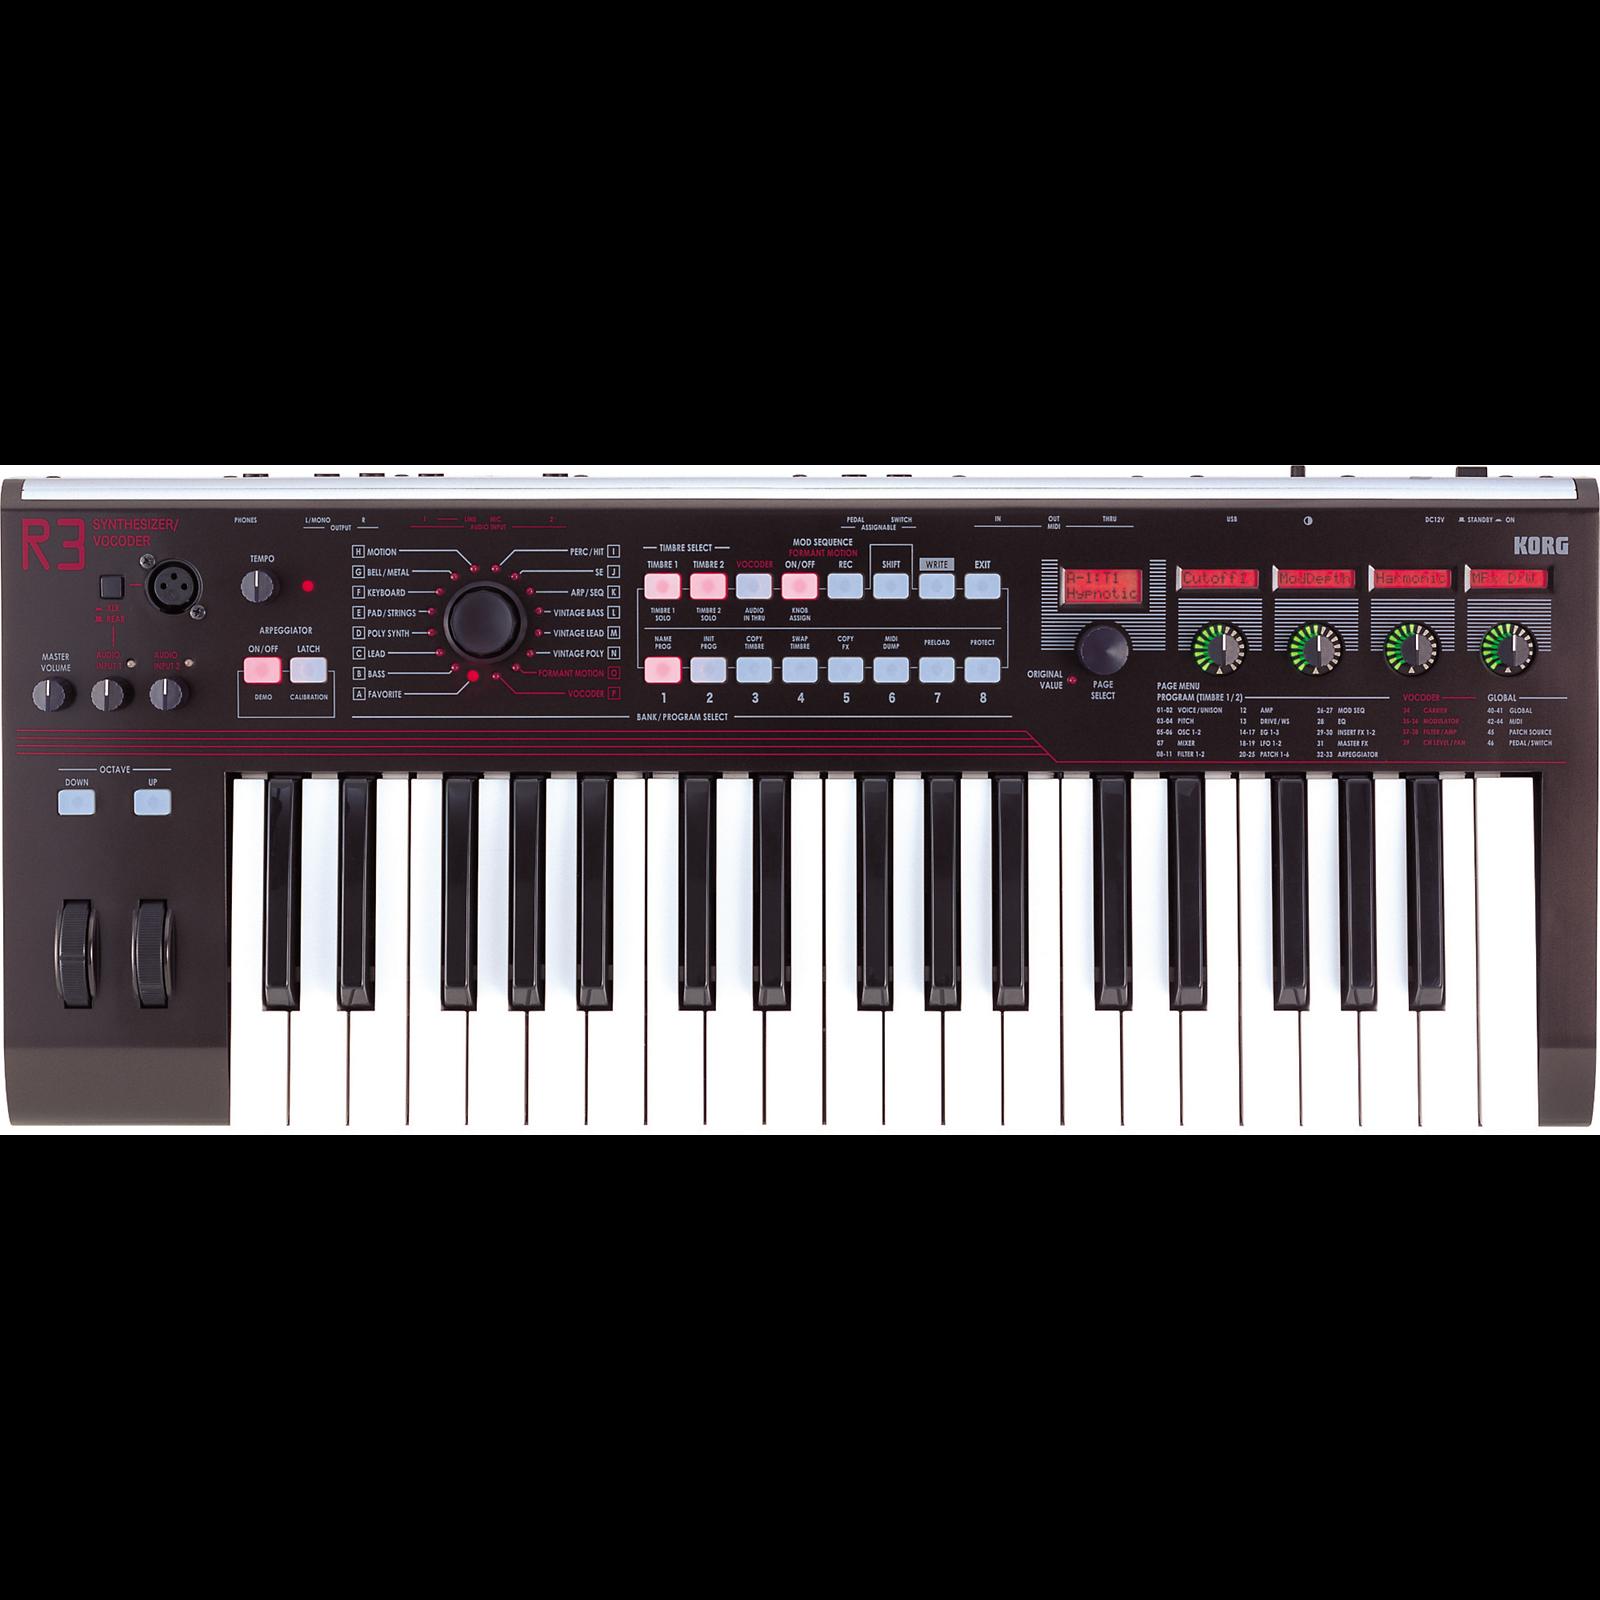 Korg R3 | Buy Synthesizer | Best Price